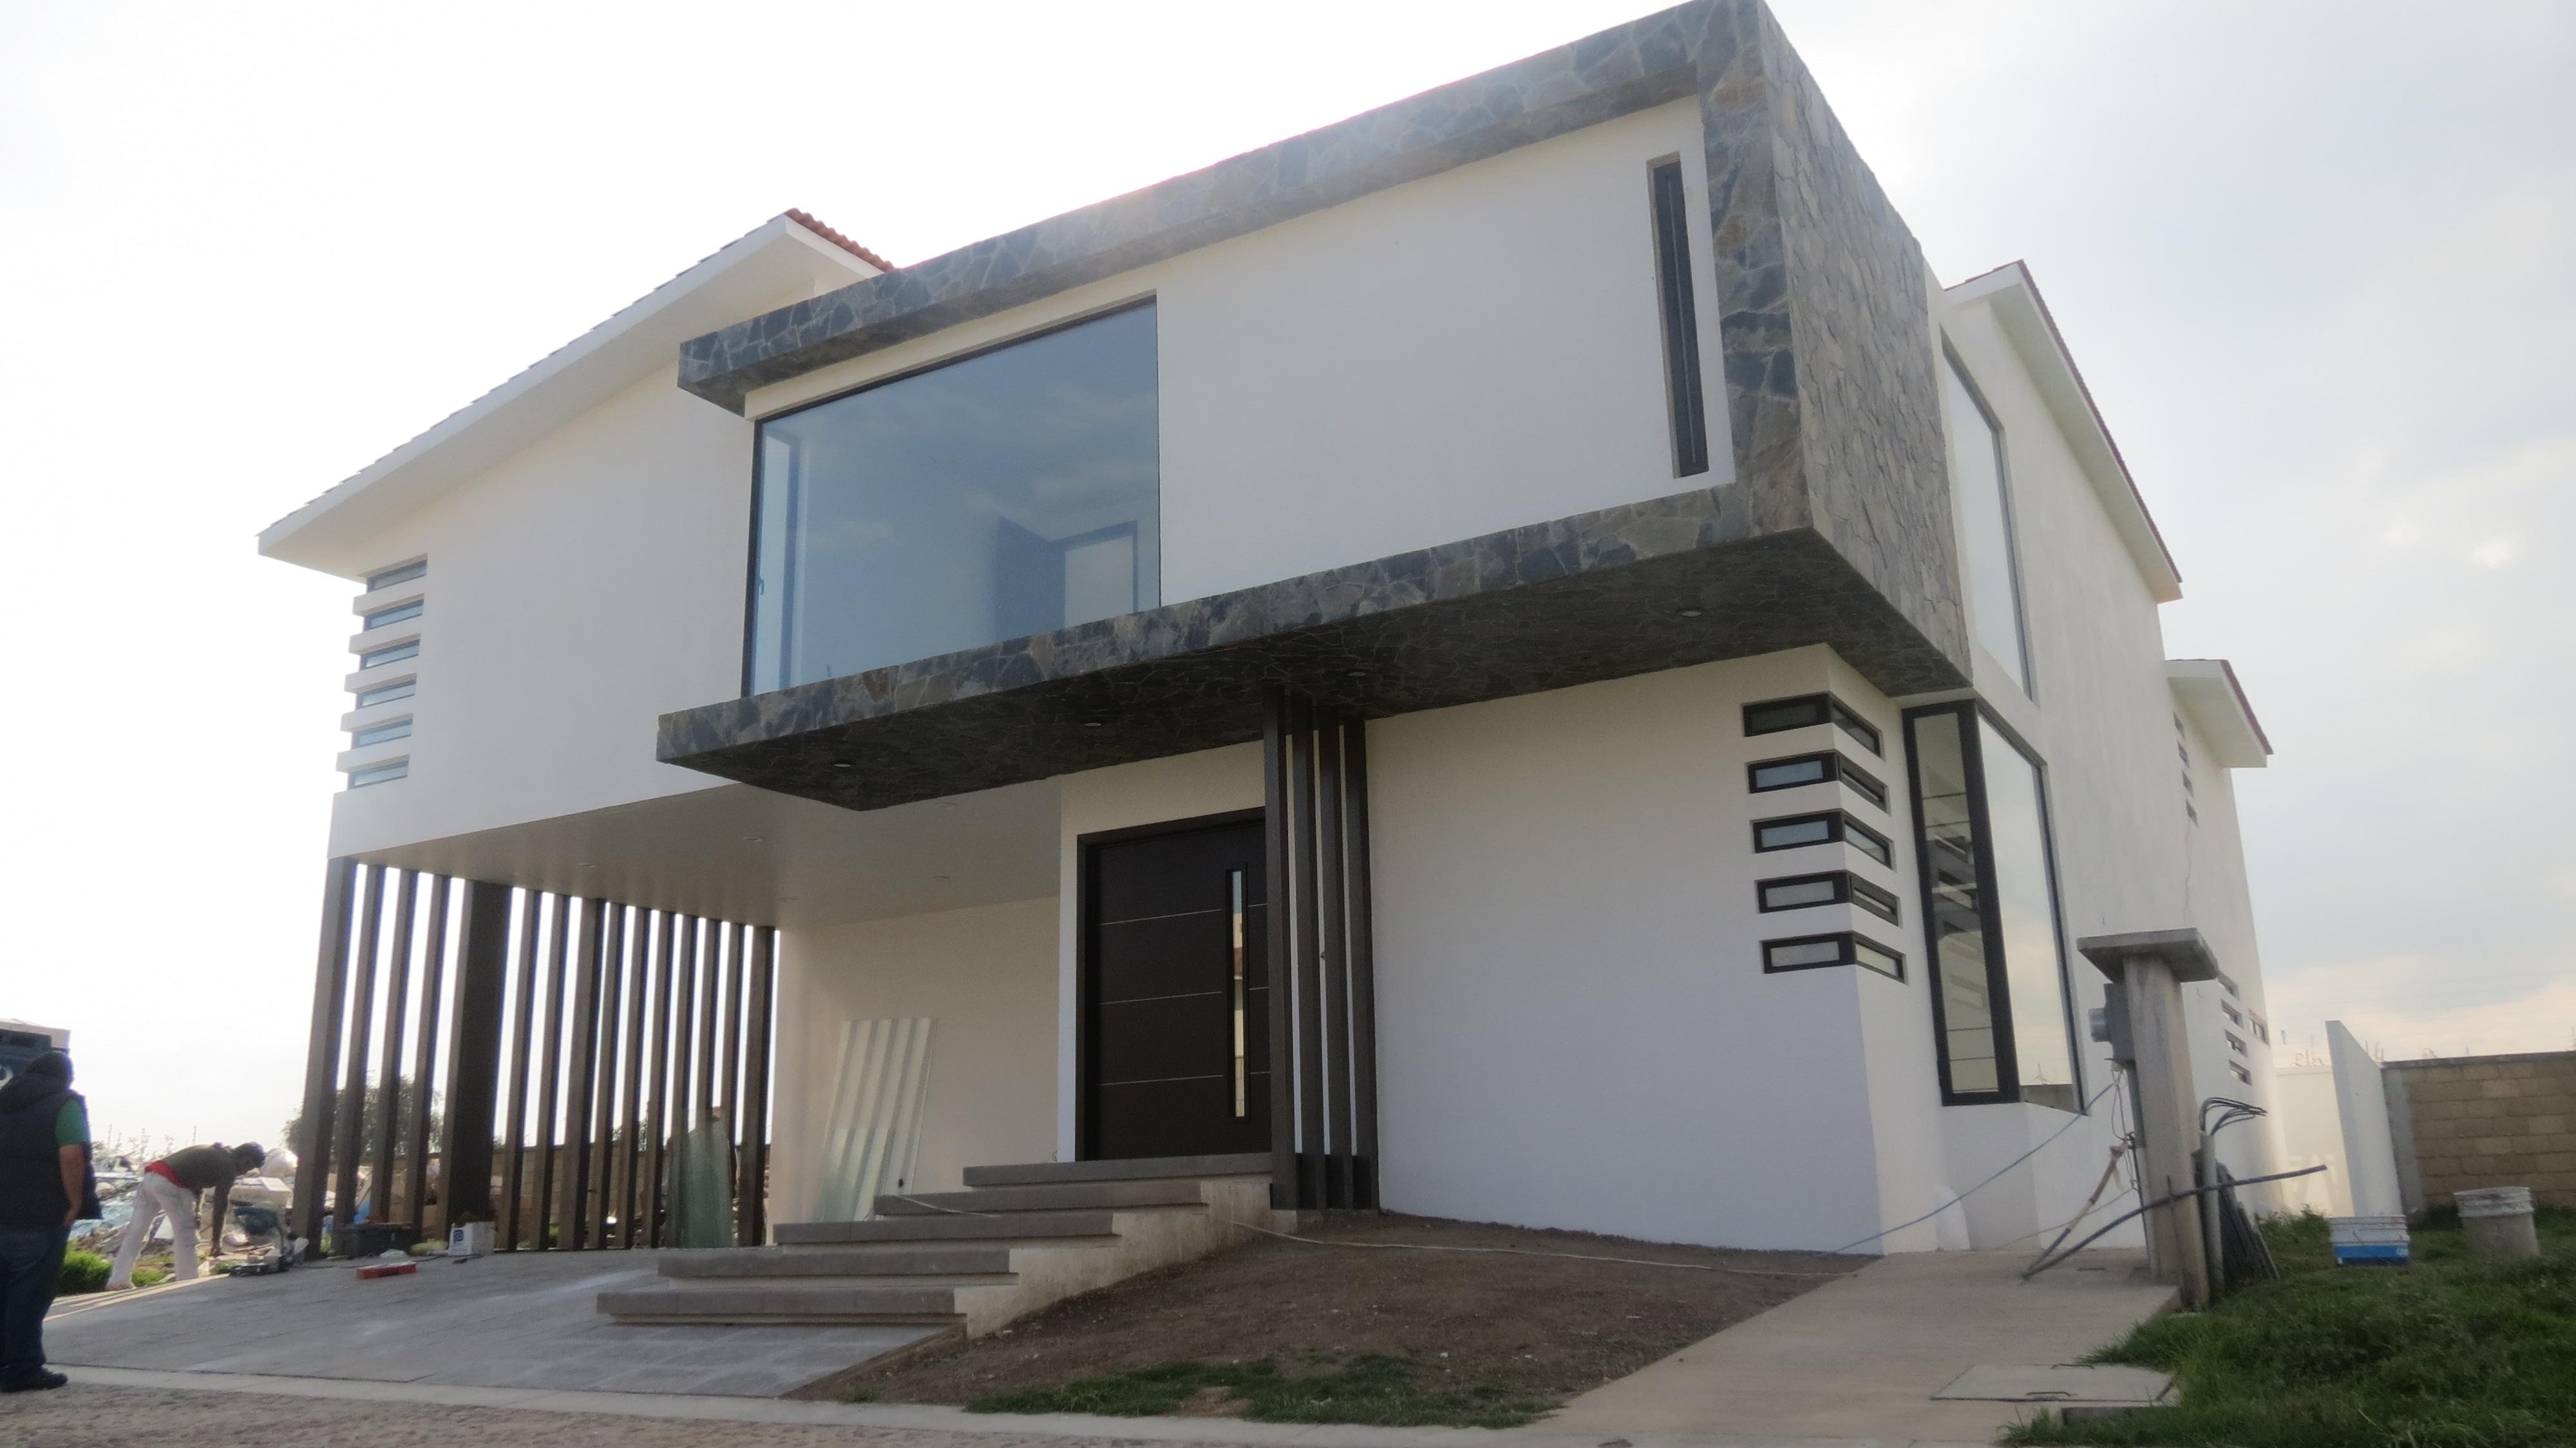 MESON / MEGA arquitectura